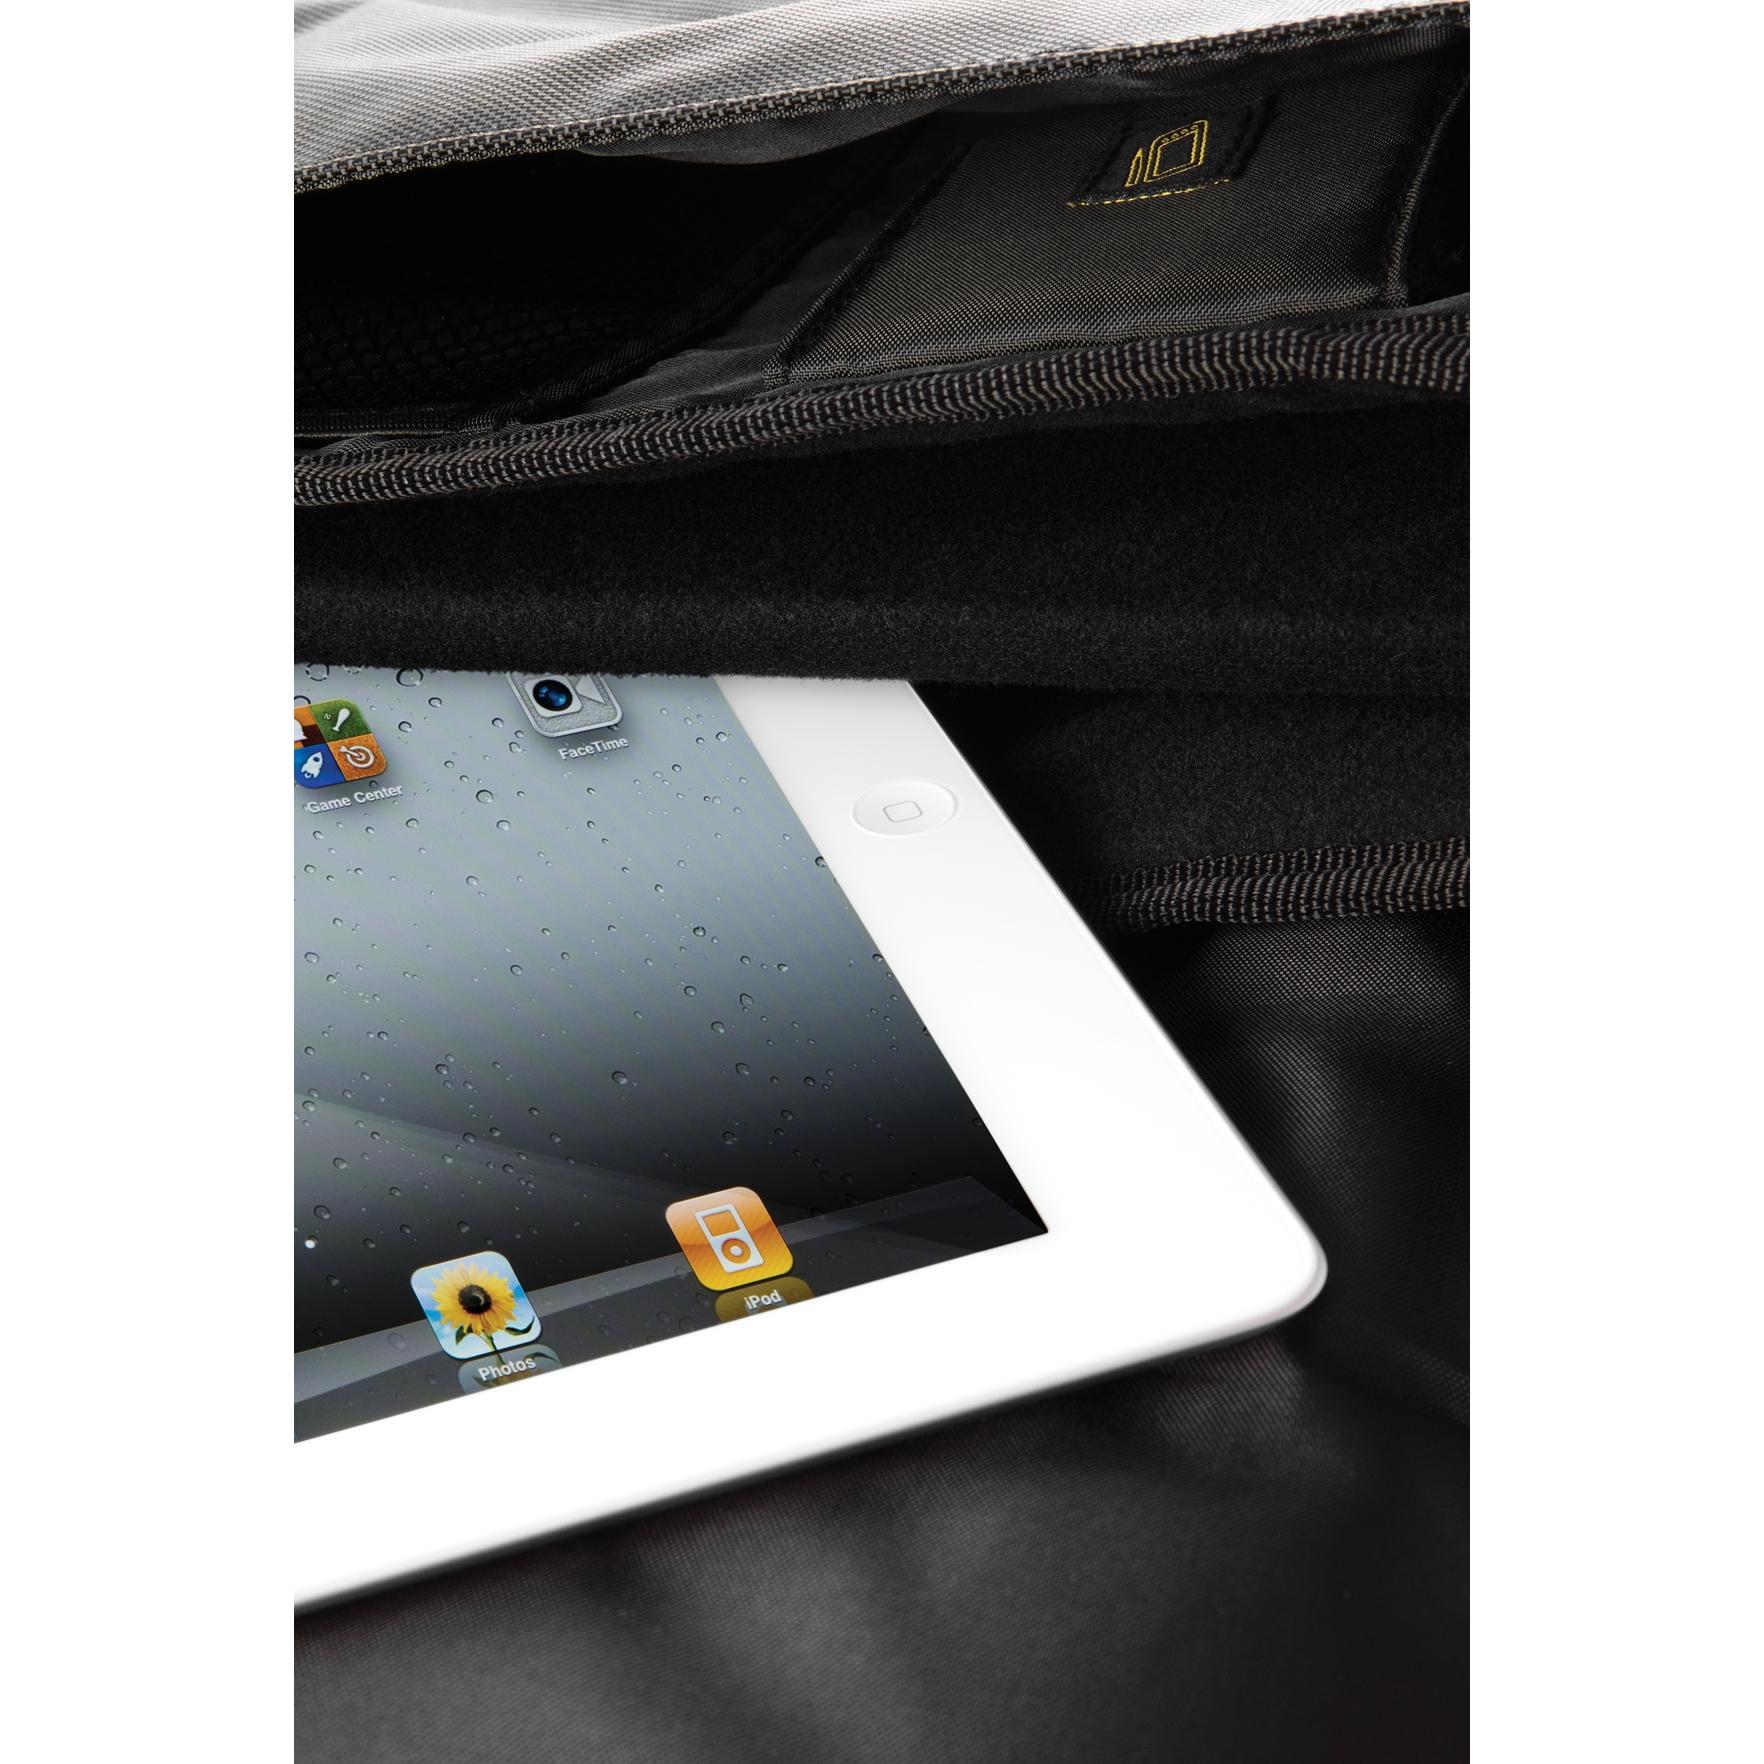 Home design 3d cho ipad 100 home design 3d cho ipad 100 for Home design 3d ipad